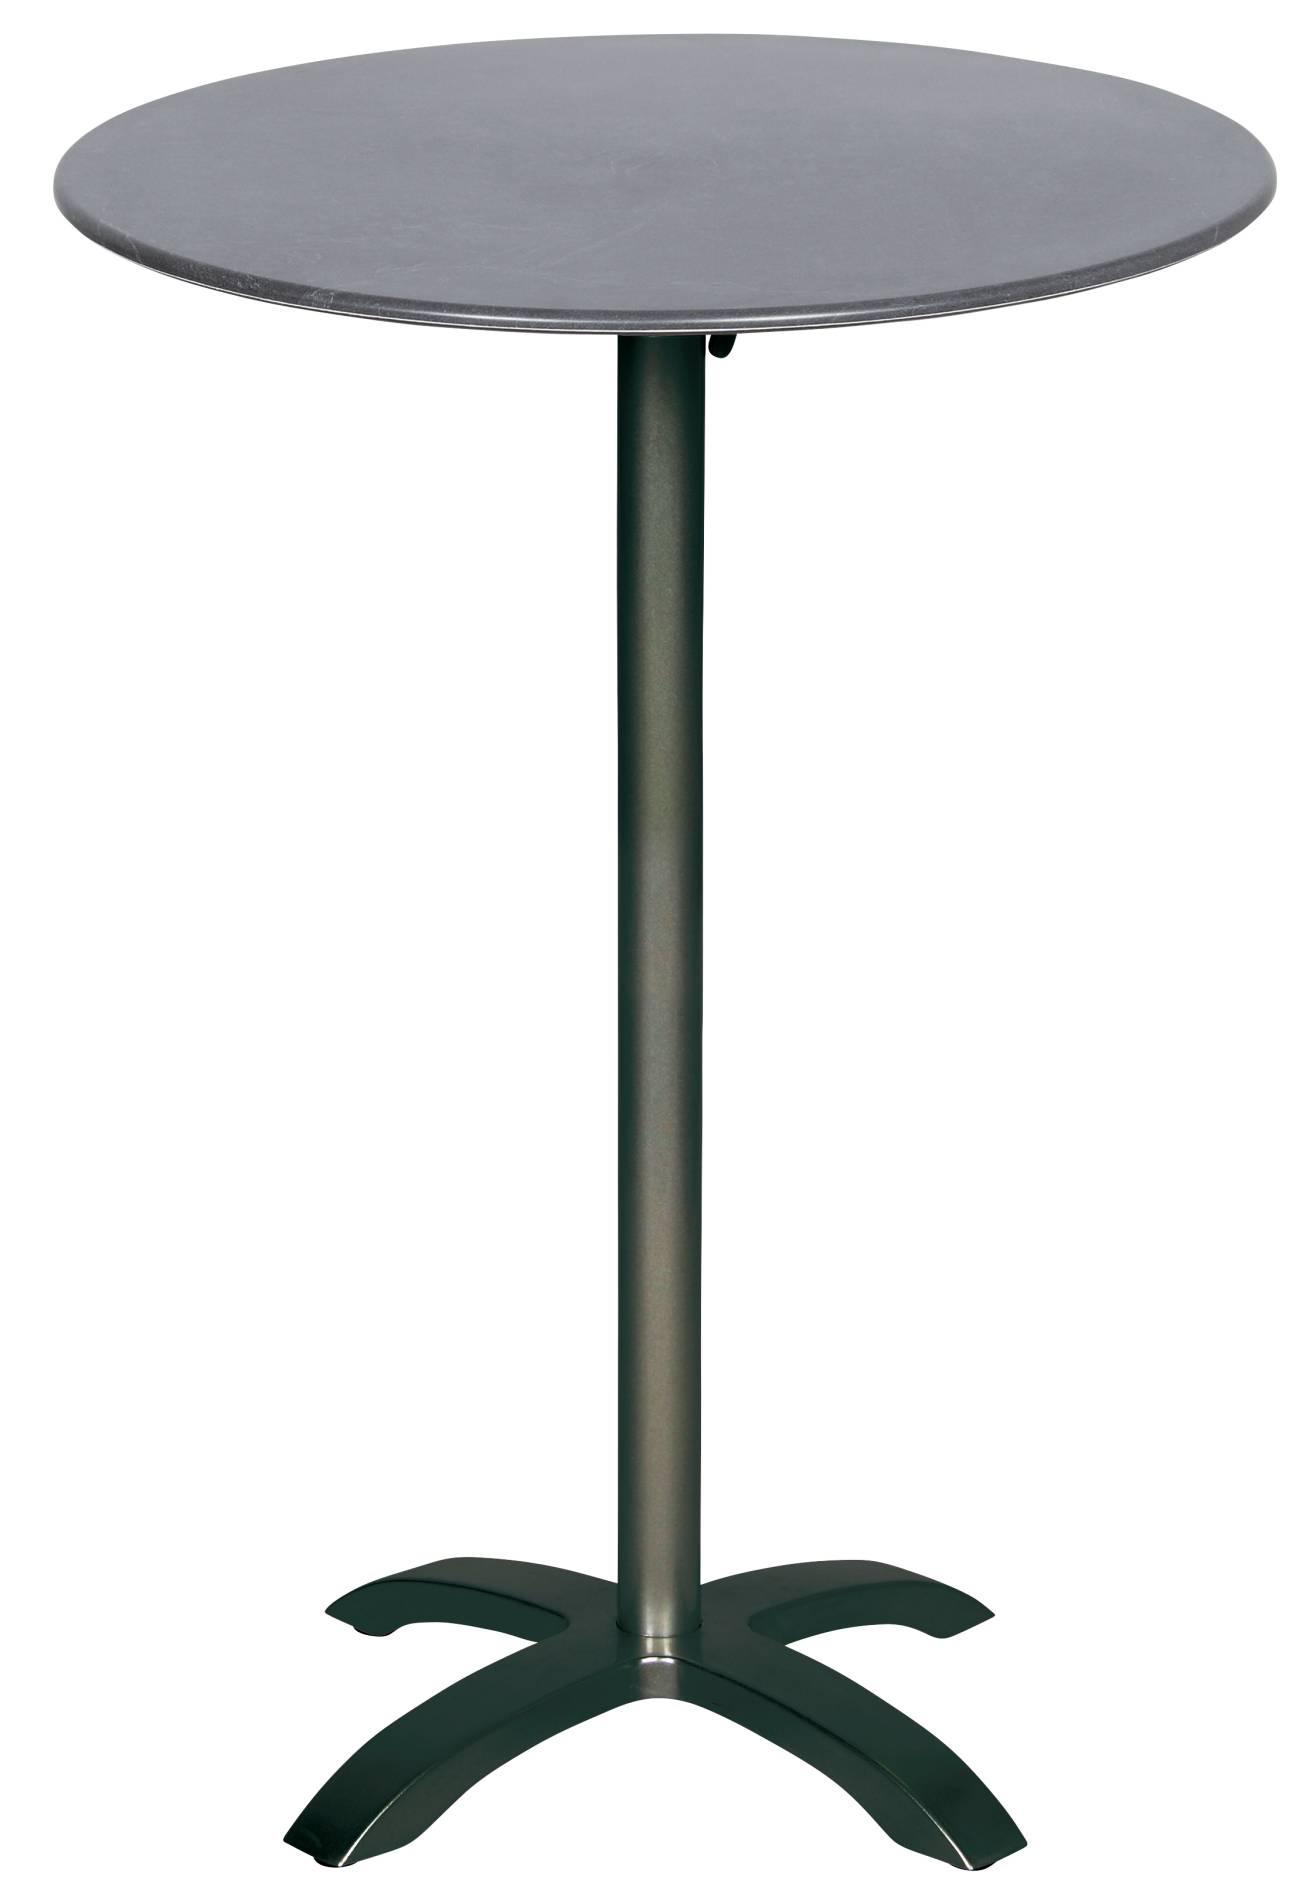 Stehtisch 56637 acamp acaplan anthrazit schiefer 80cm Höhe 110cm rund Aluminium mit extrem dünner Platte